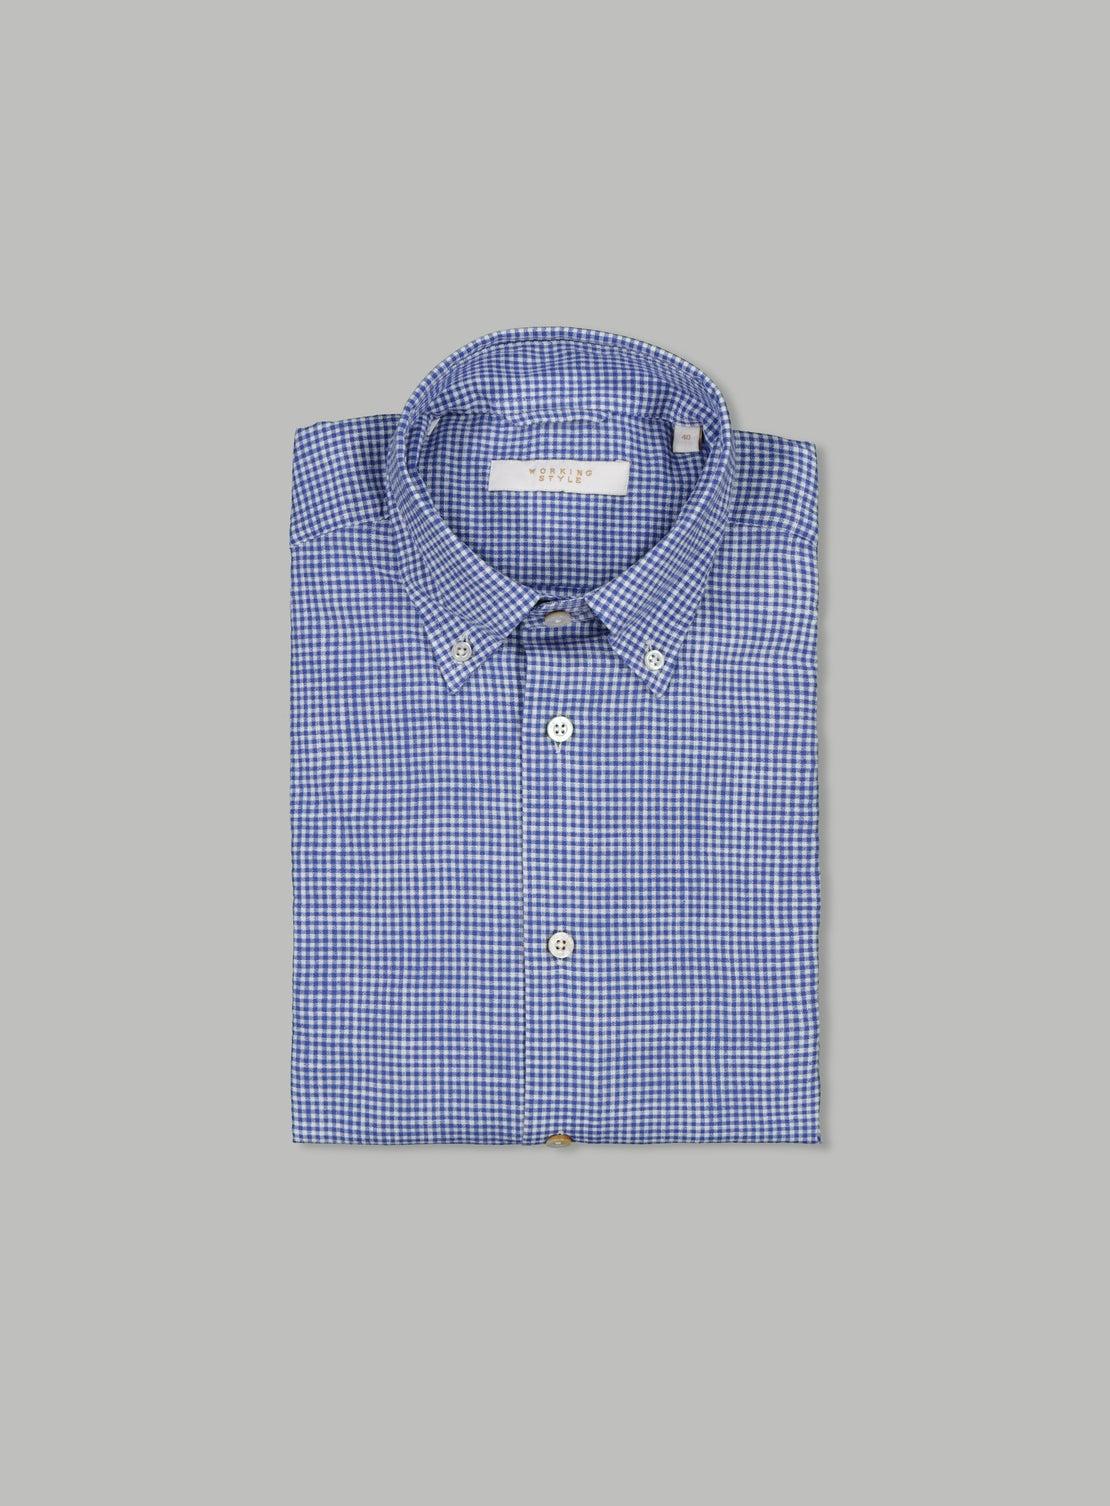 Frank Blue Button Down Shirt